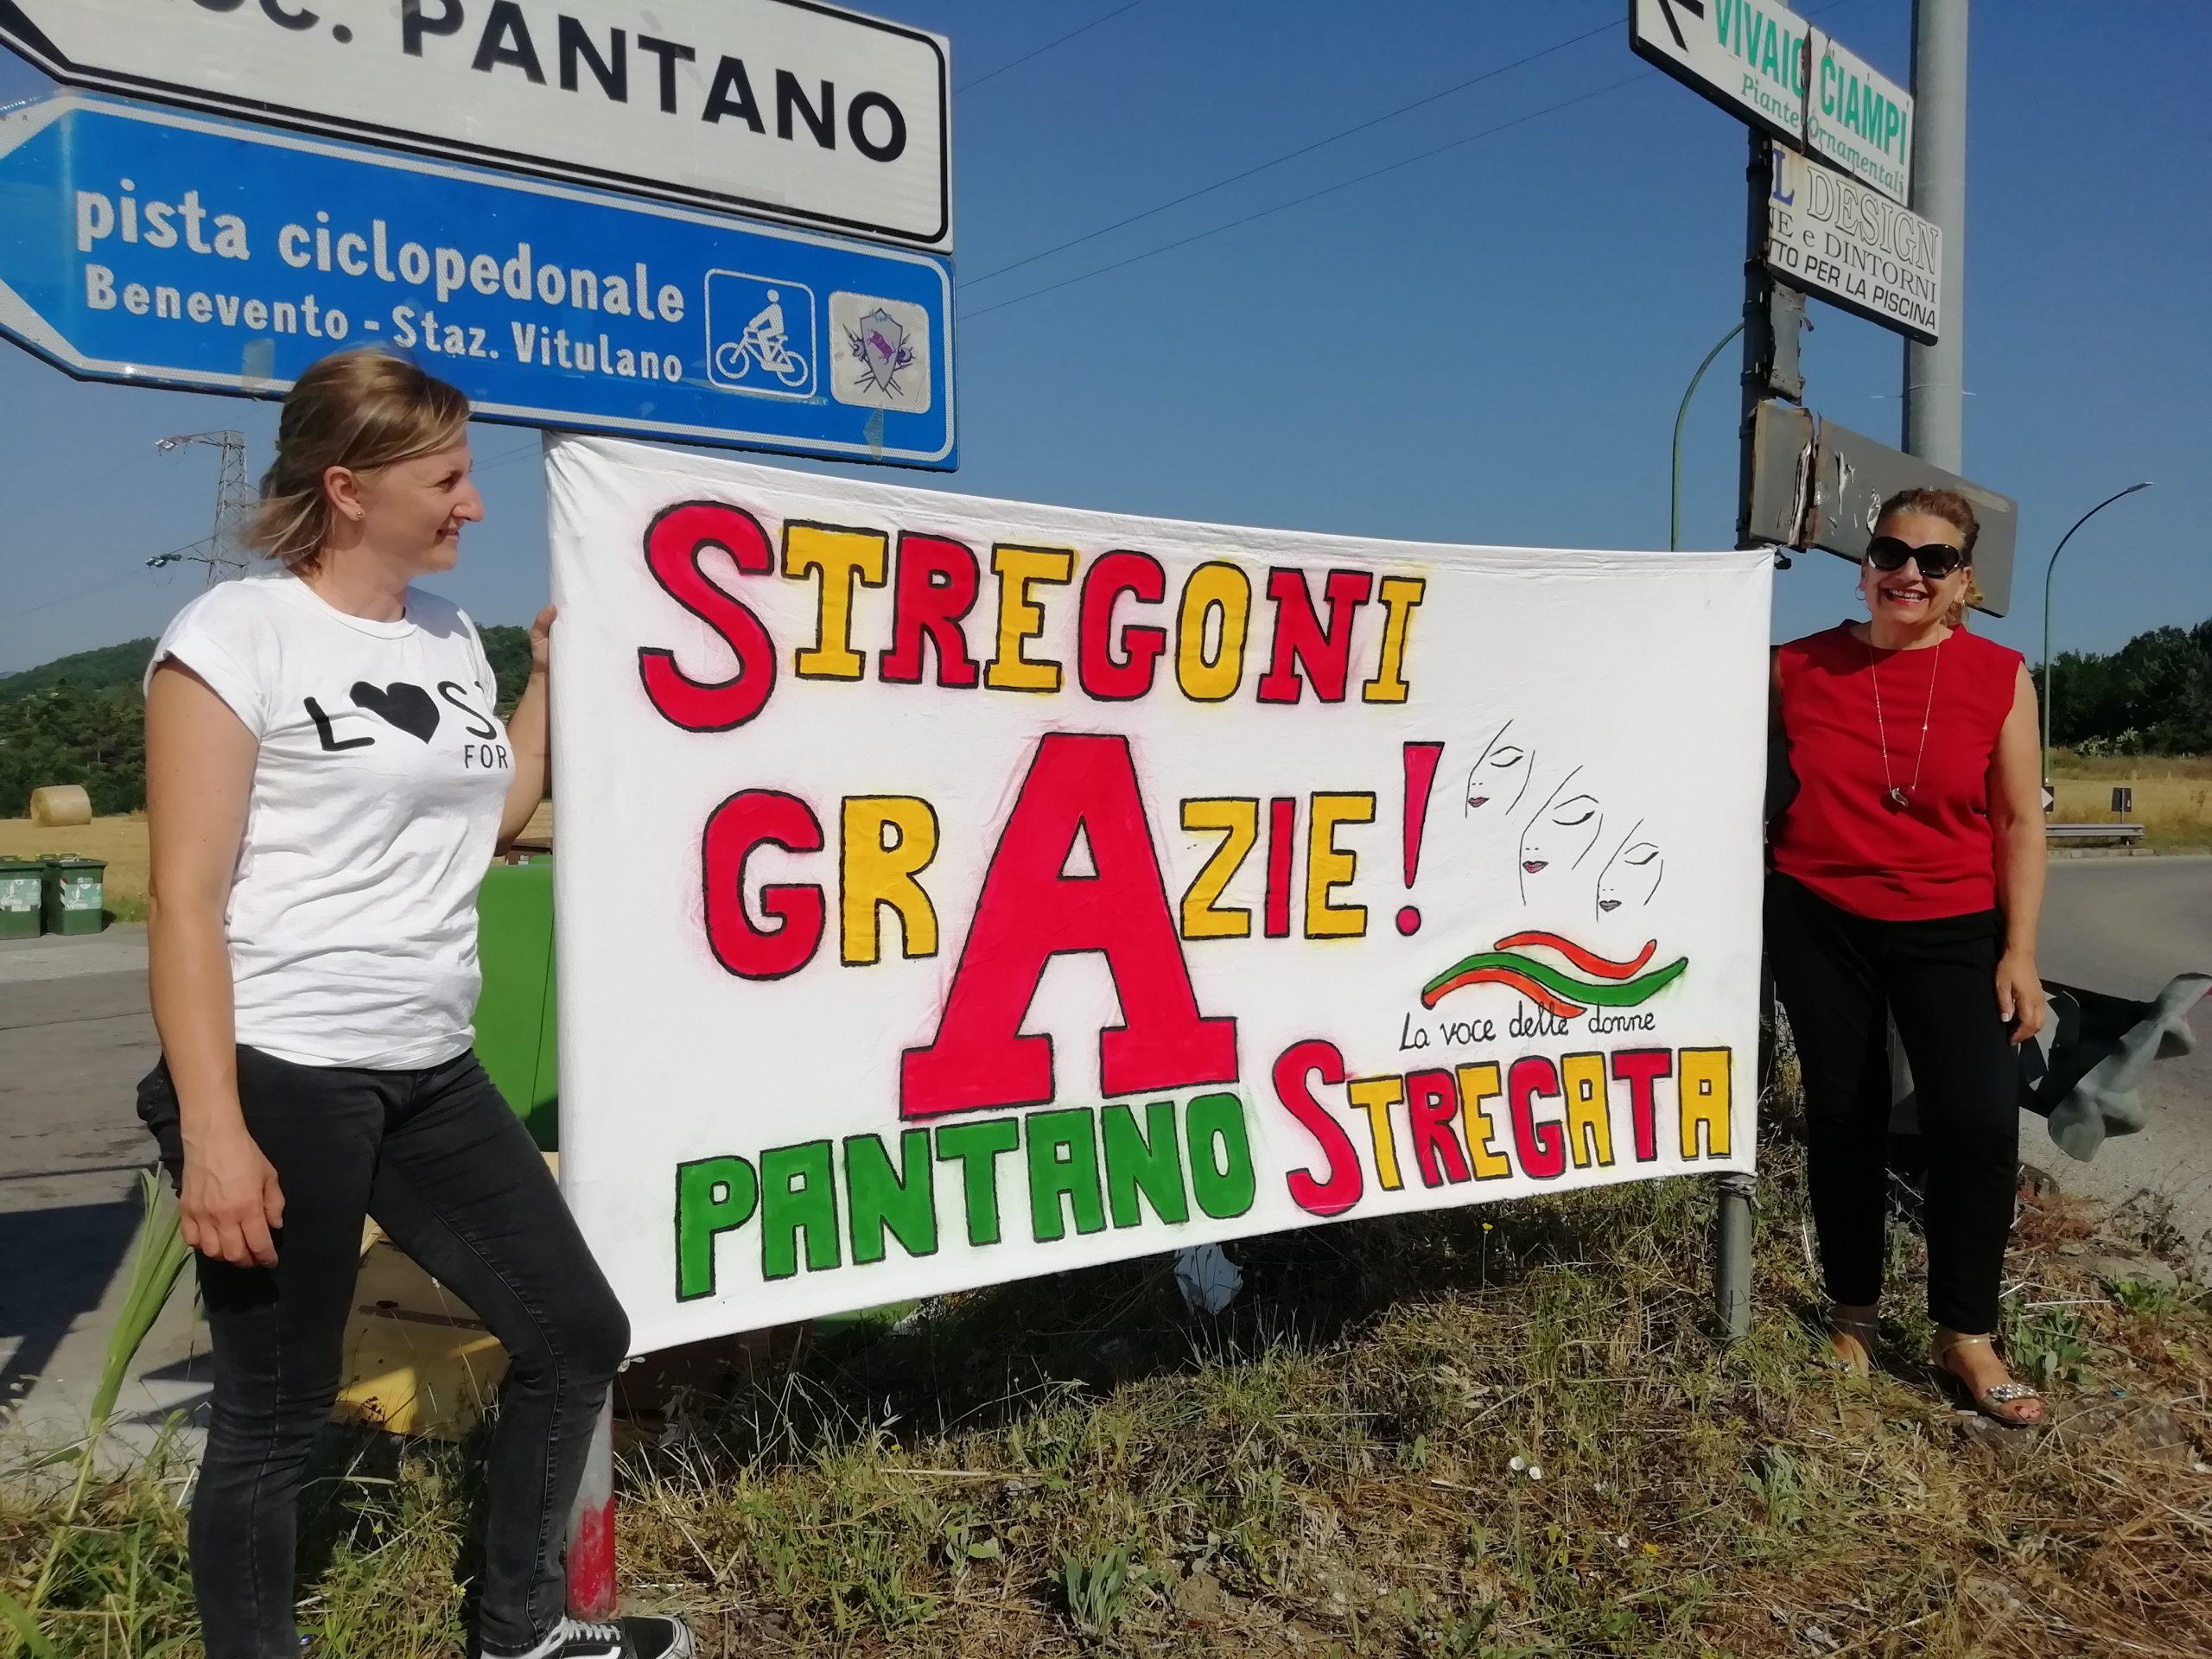 Benevento  Serie A, Pantano si colora di giallorosso